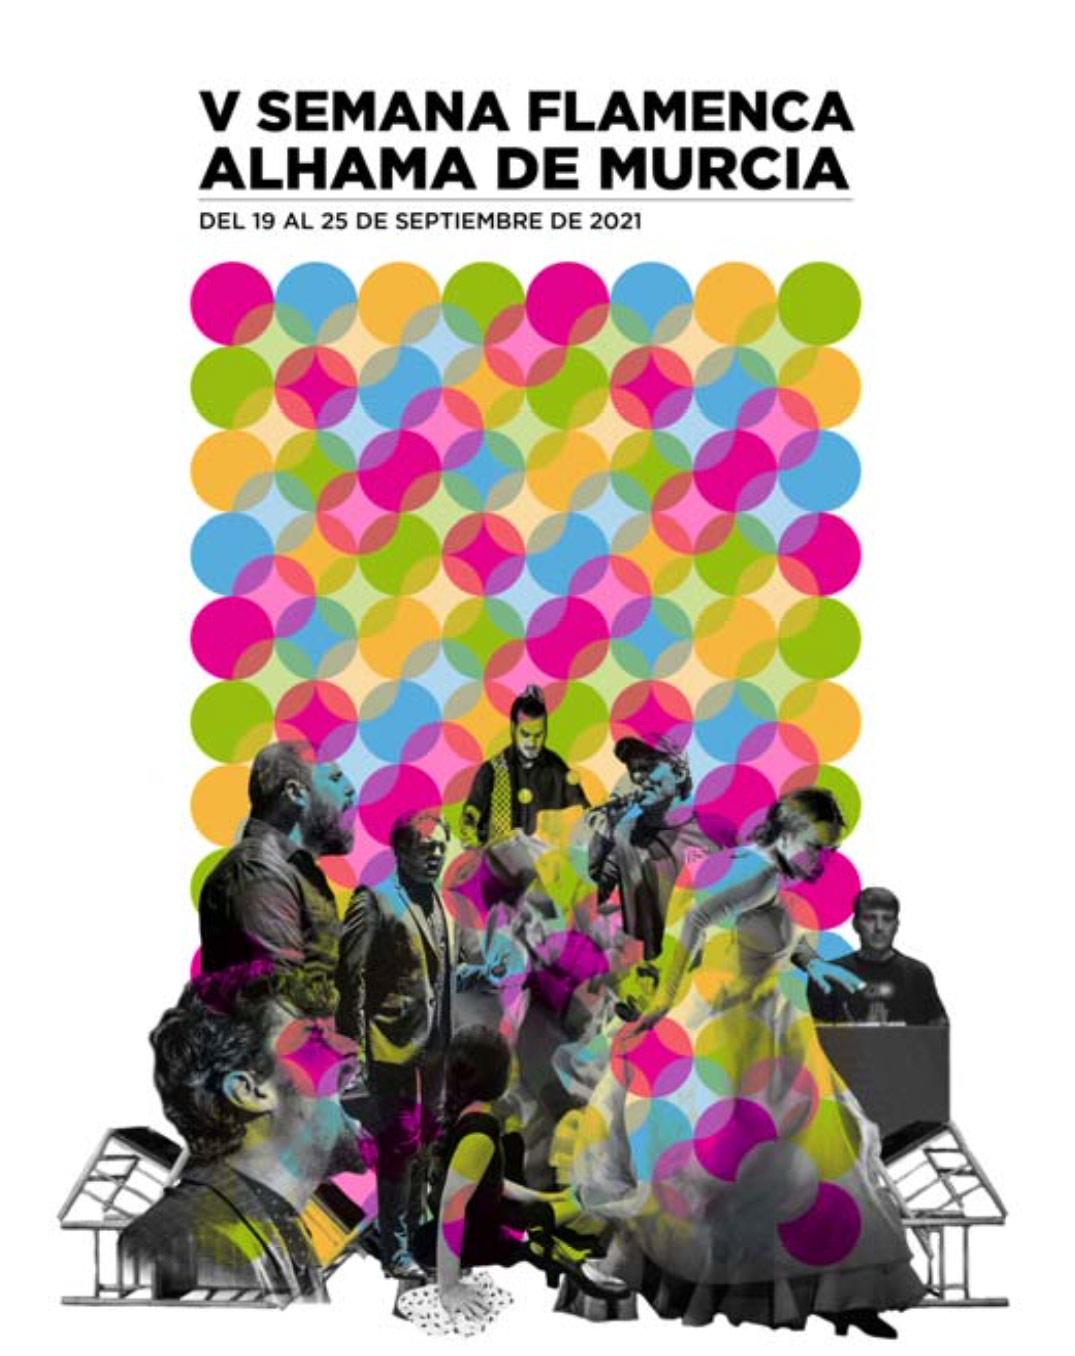 V SEMANA FLAMENCA DE ALHAMA DE MURCIA